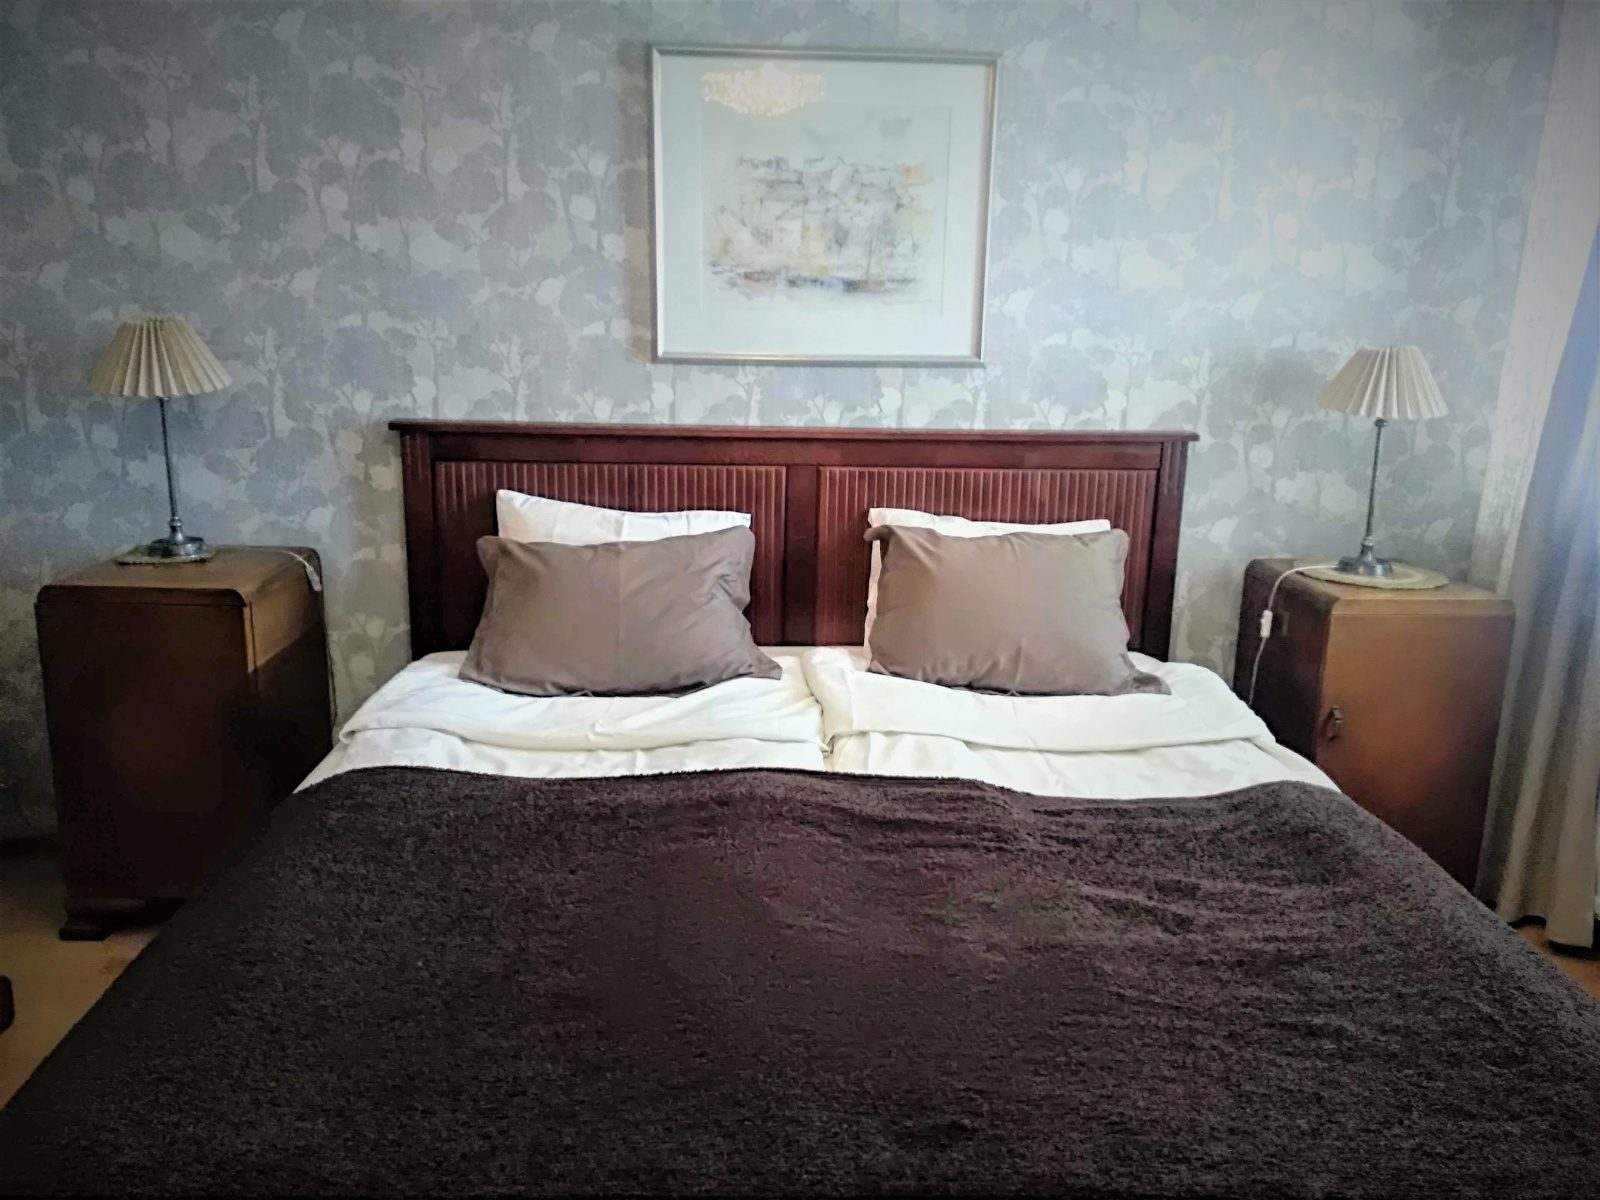 Makuuhuoneen parivuode, ruskea päiväpeitto ja valkoiset lakanat, harmaa seinä ja maisemataulu.